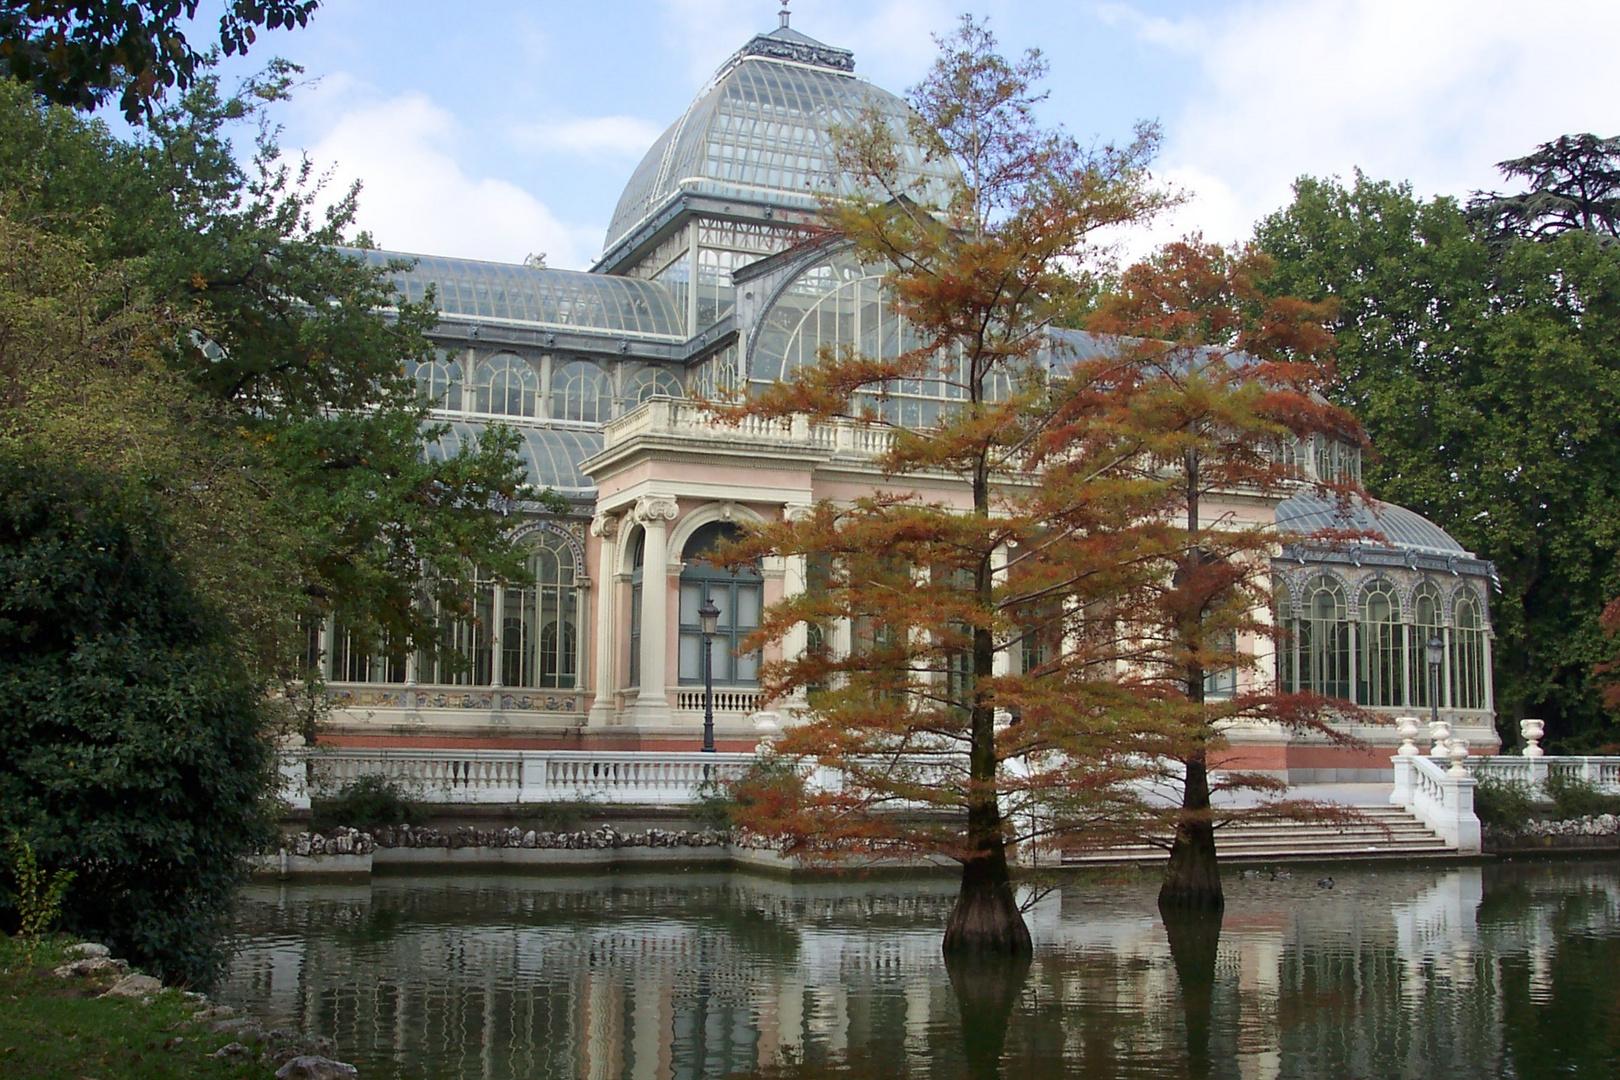 Palacio de Cristal (Parque de El Retiro)